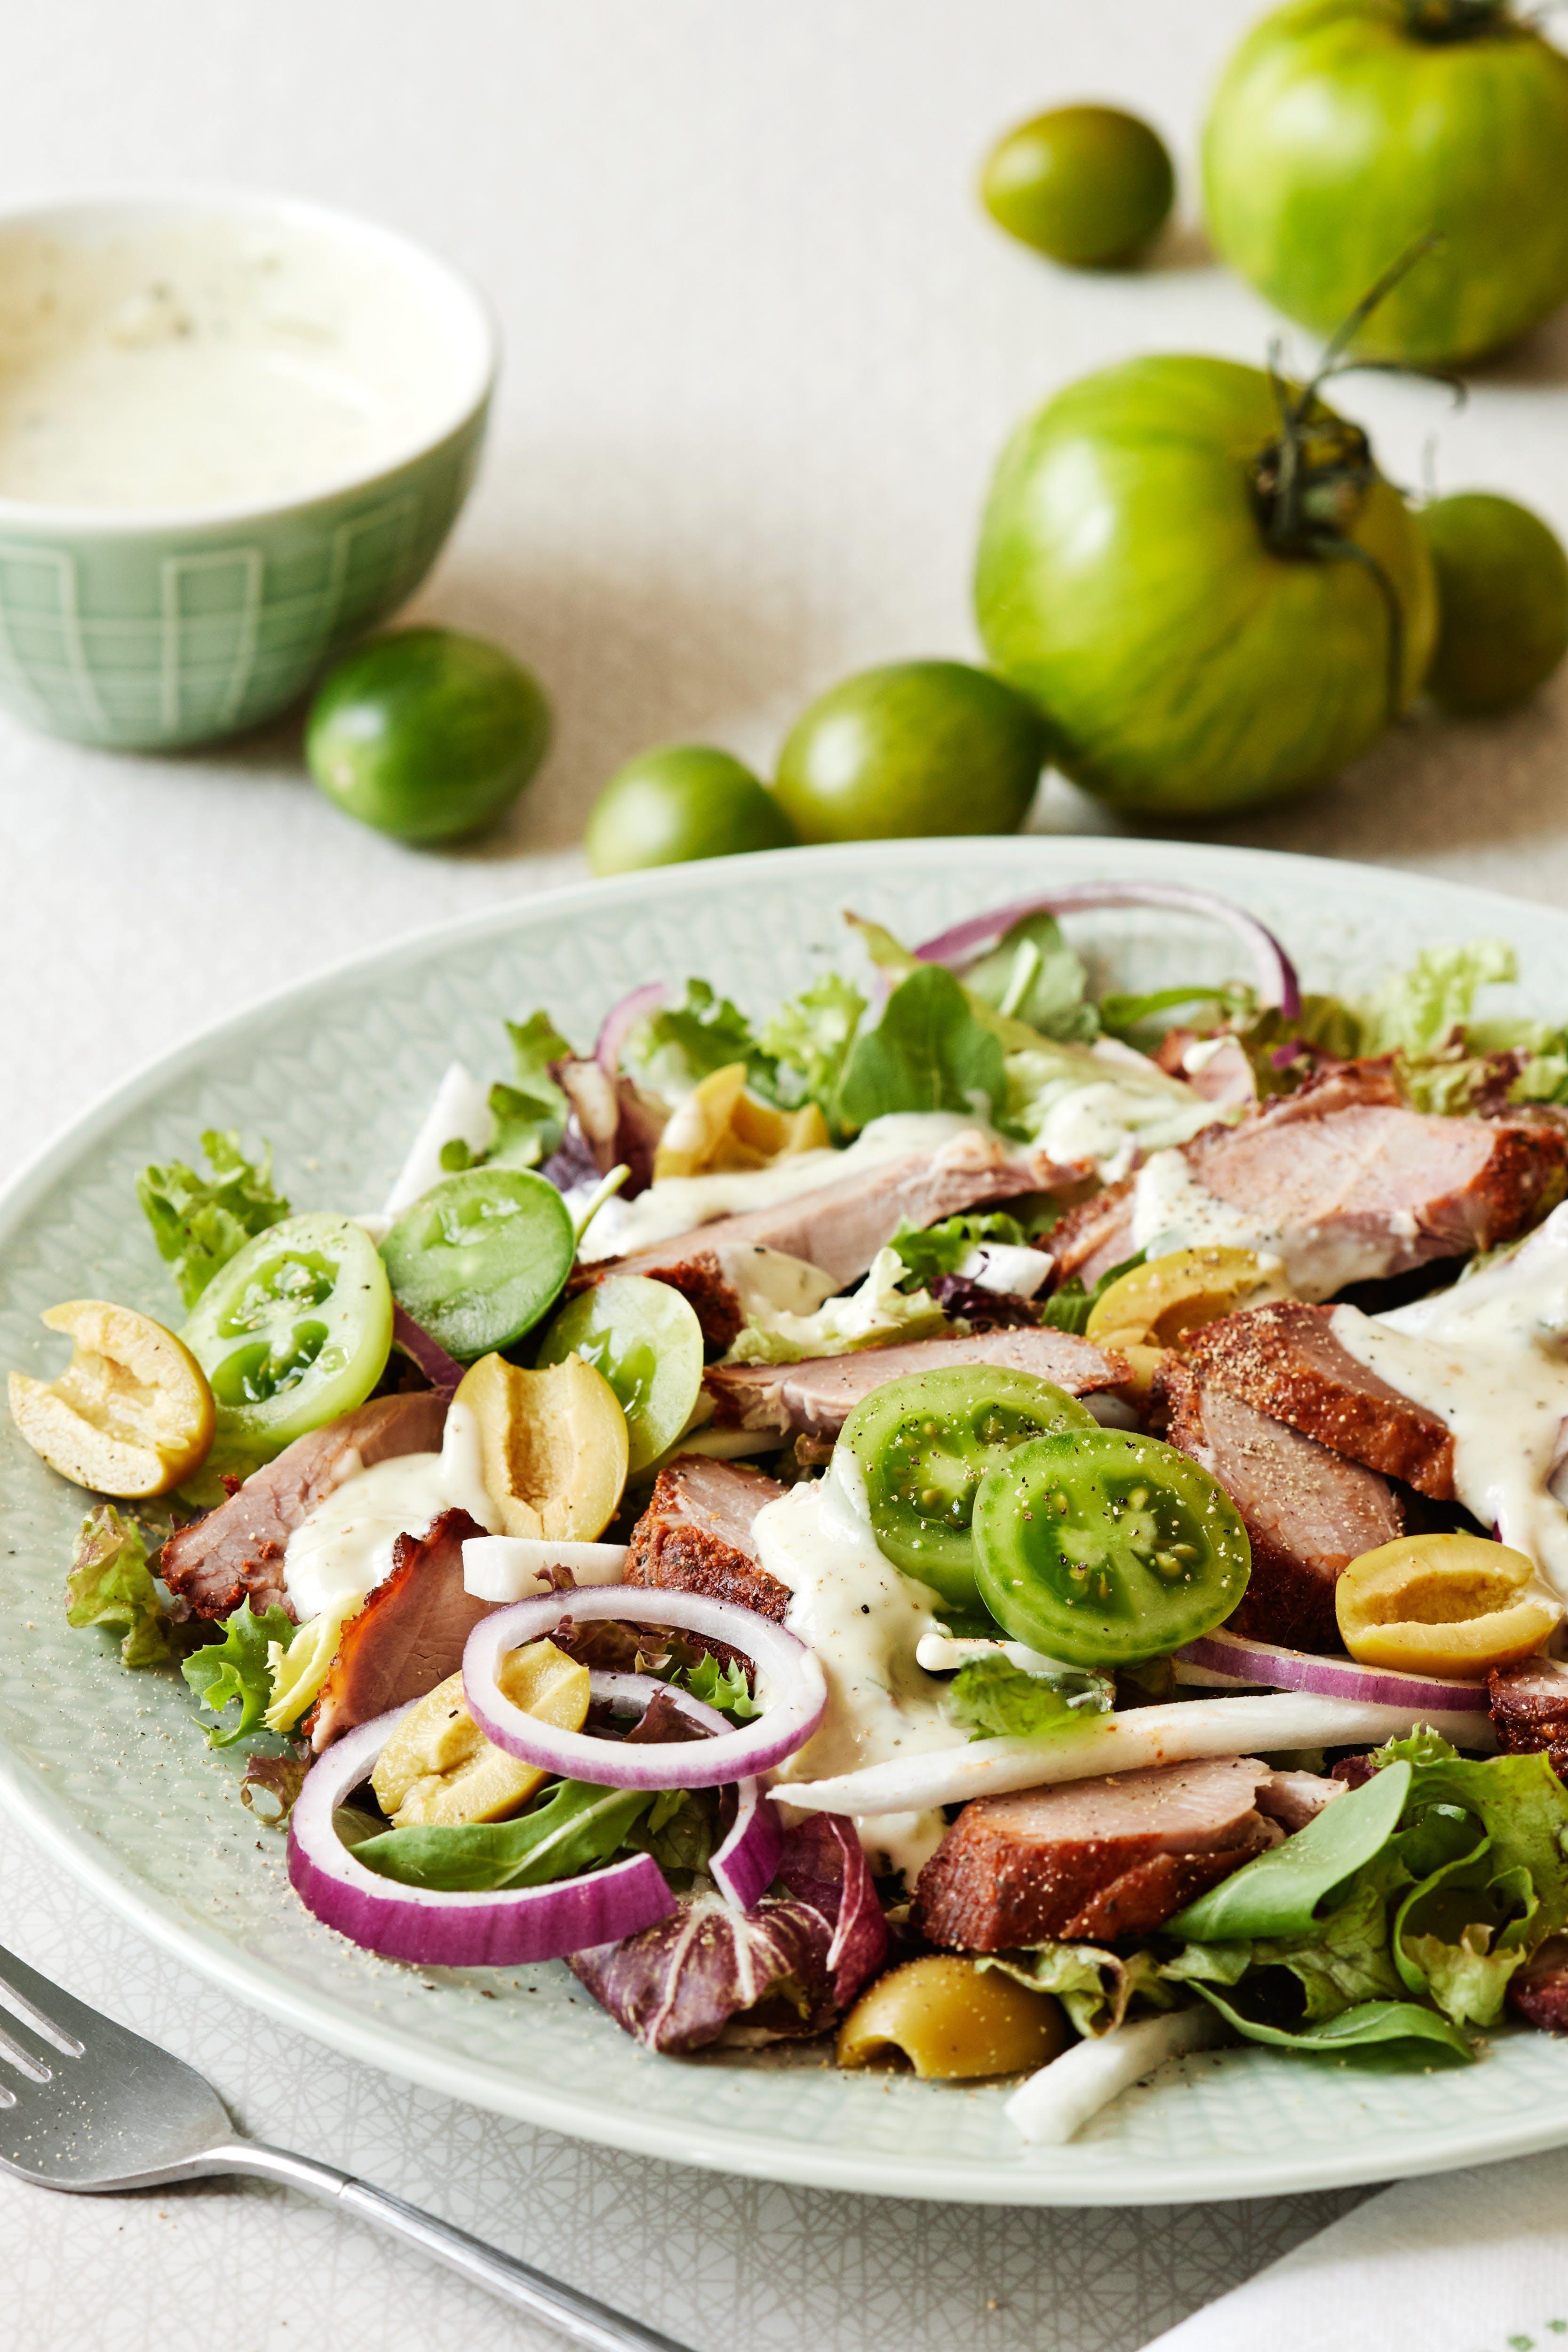 Ensalada de pavo con aderezo de cilantro y lima verde